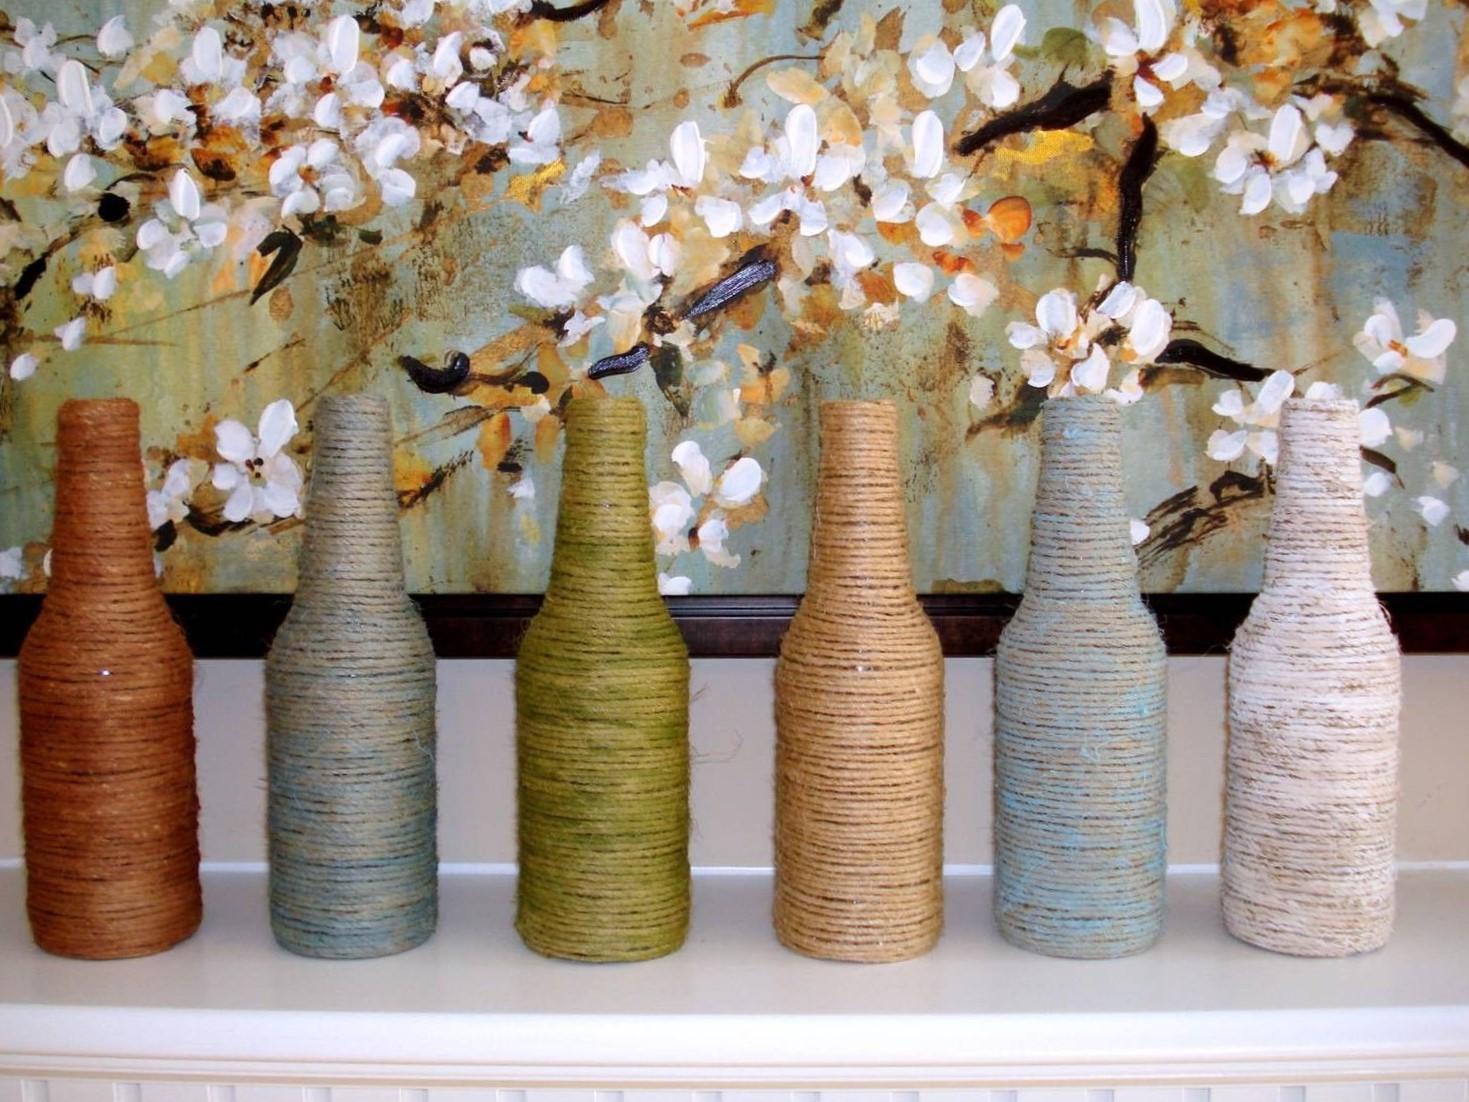 Bricolage maison sur Pinterest: bouteilles décoratives.